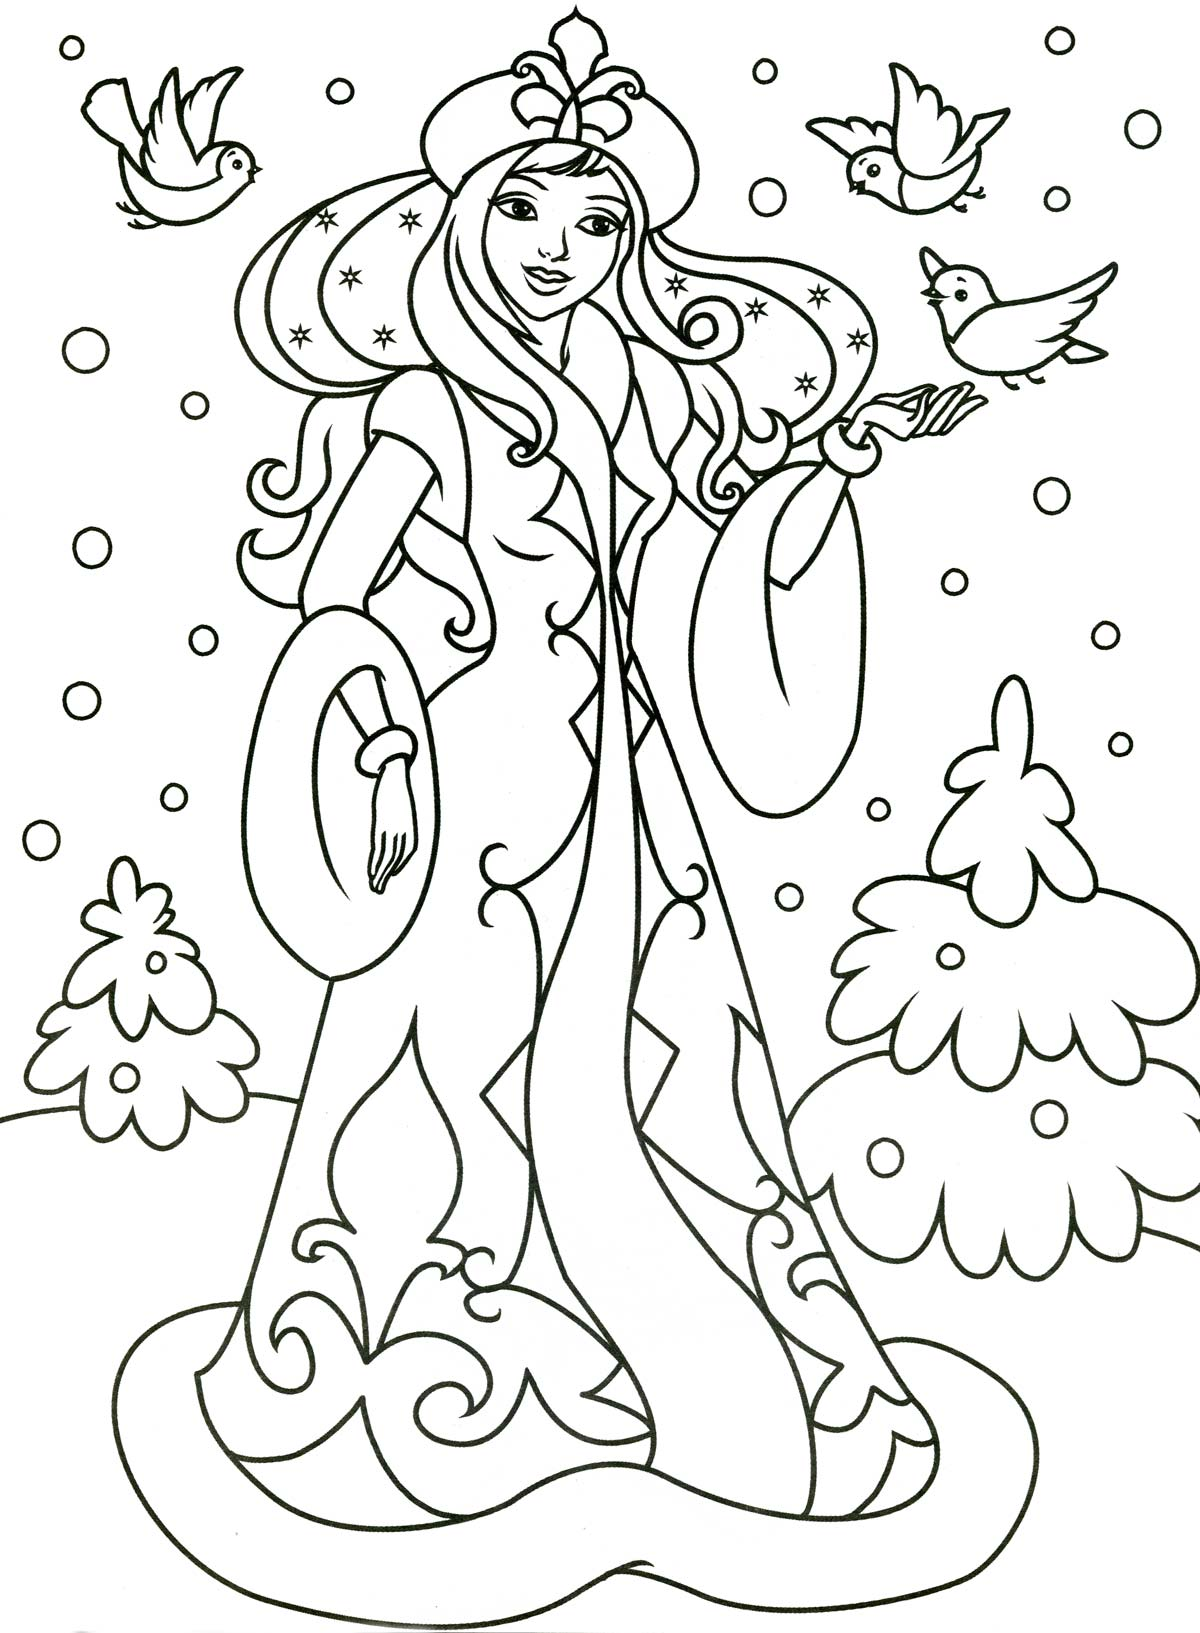 раскраска по теме зима